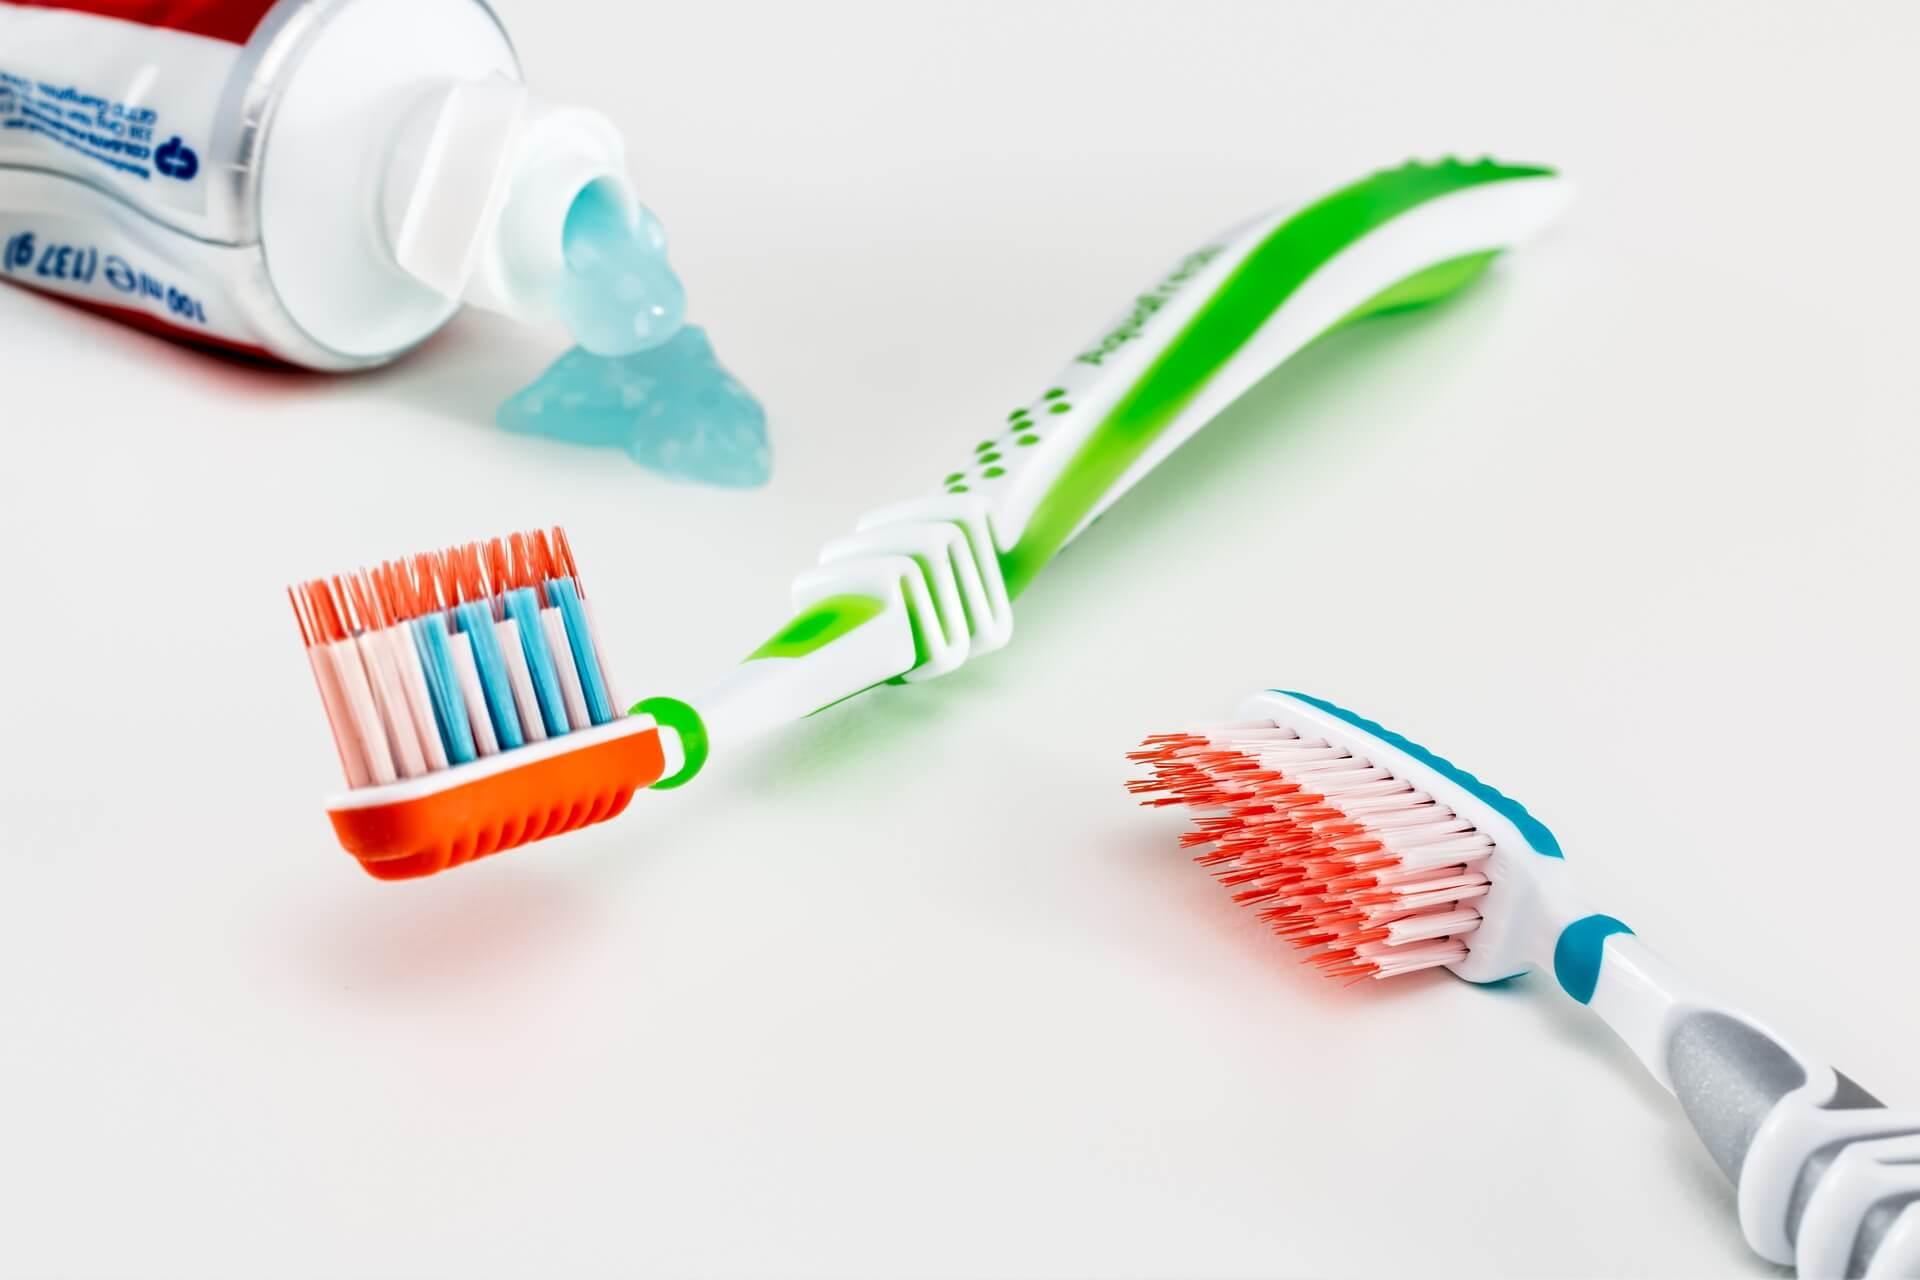 歯ブラシの硬さはしっかり選ぼう。硬さに合わせた選び方をチェック